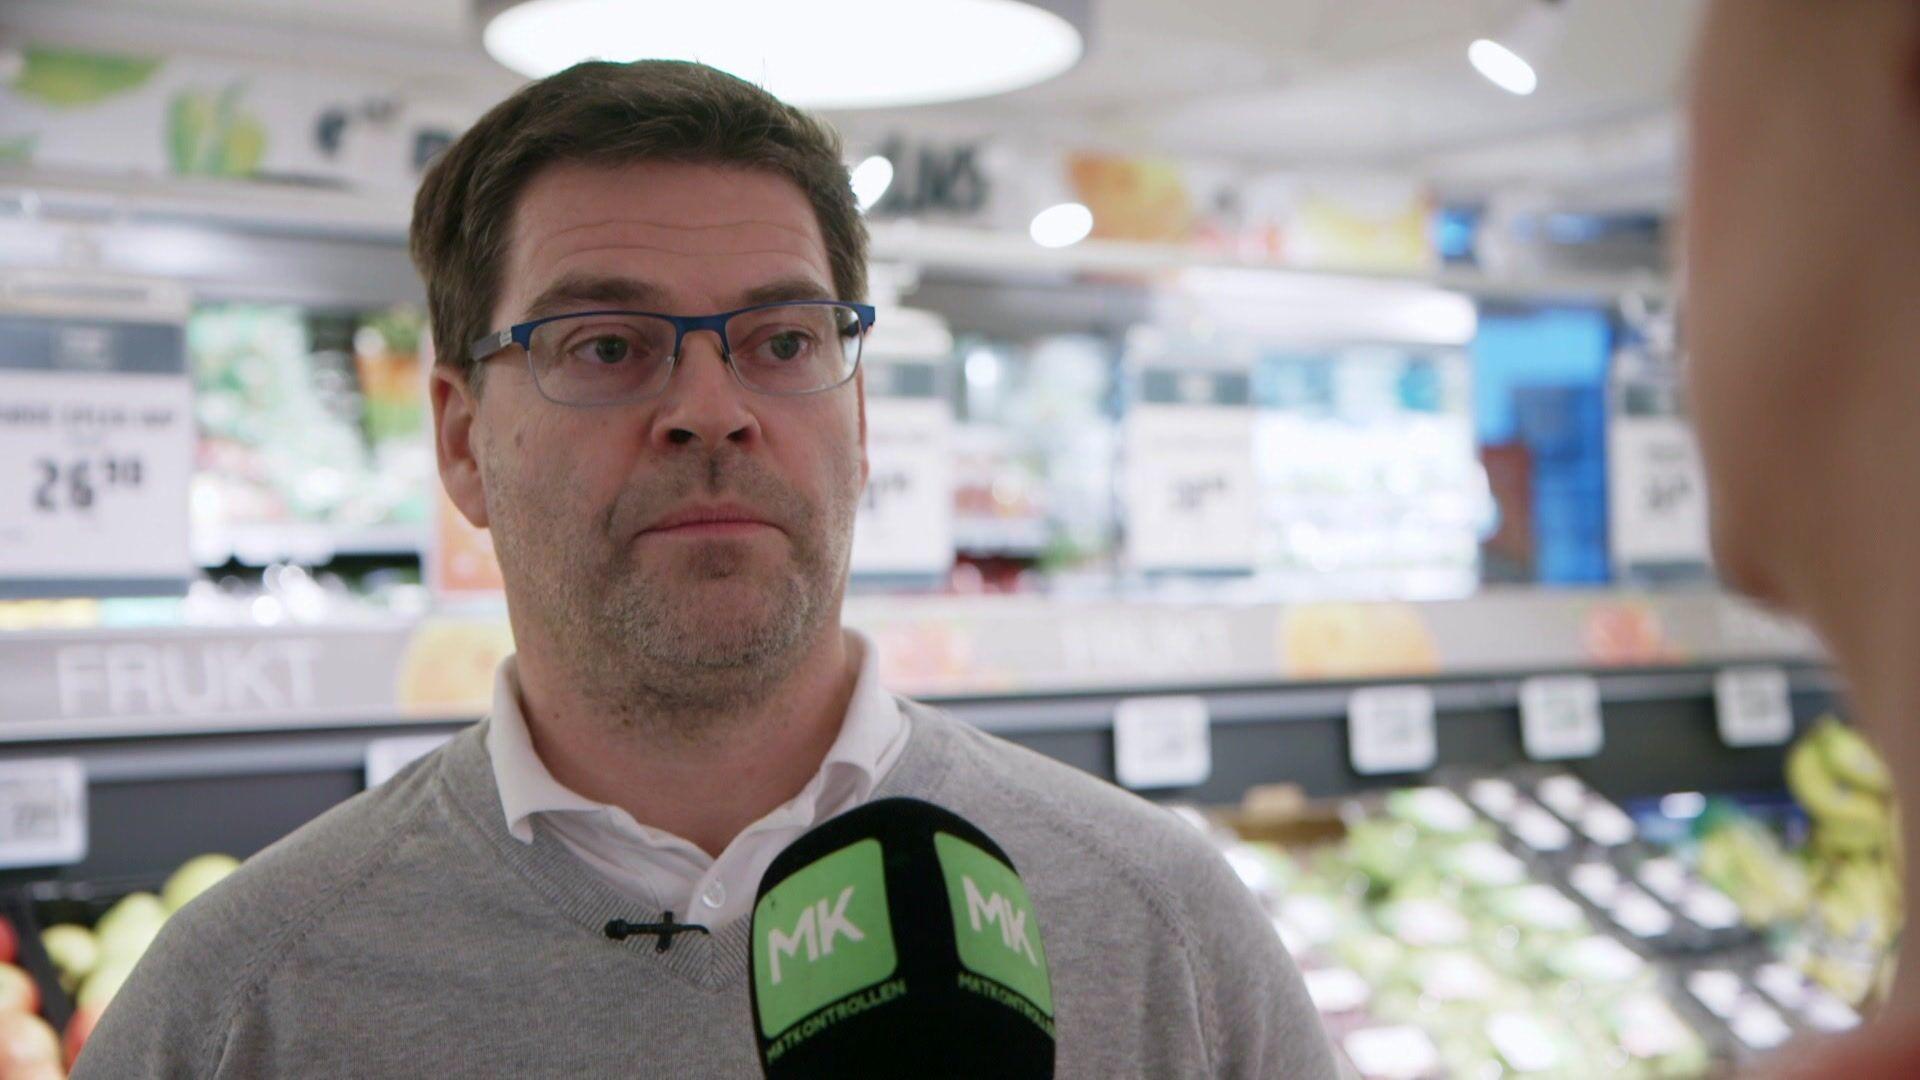 tv 2 hjelper deg tester erotikk norge